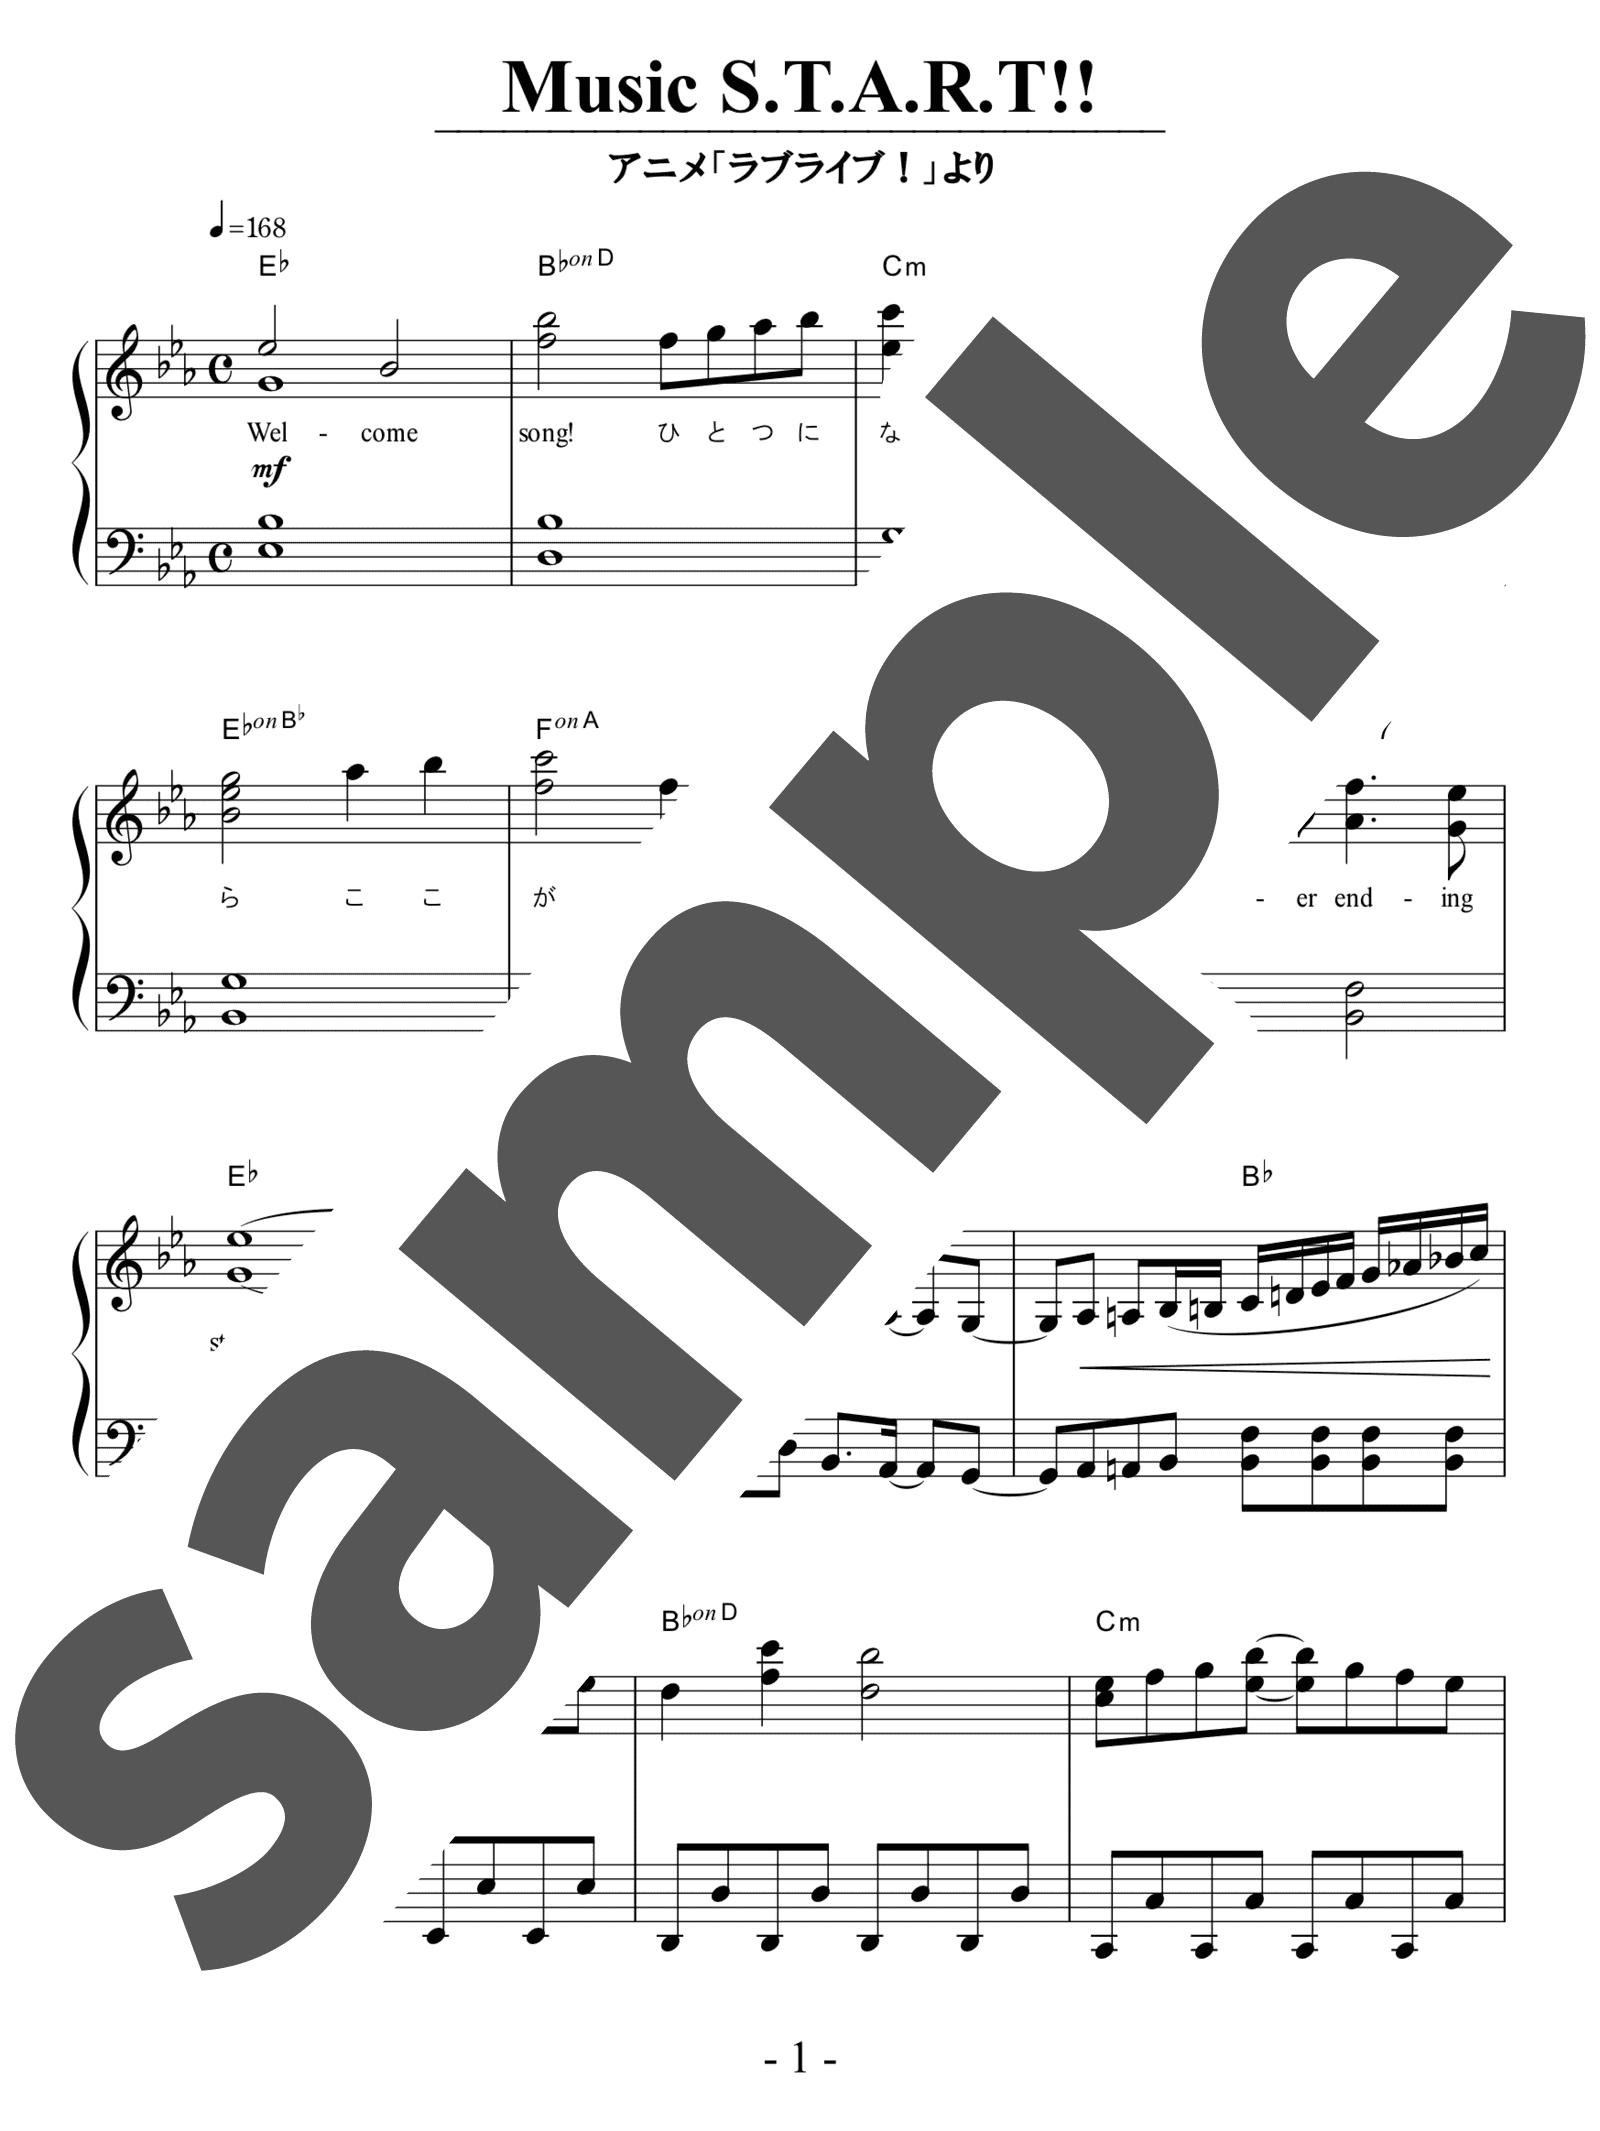 「Music S.T.A.R.T!!」のサンプル楽譜